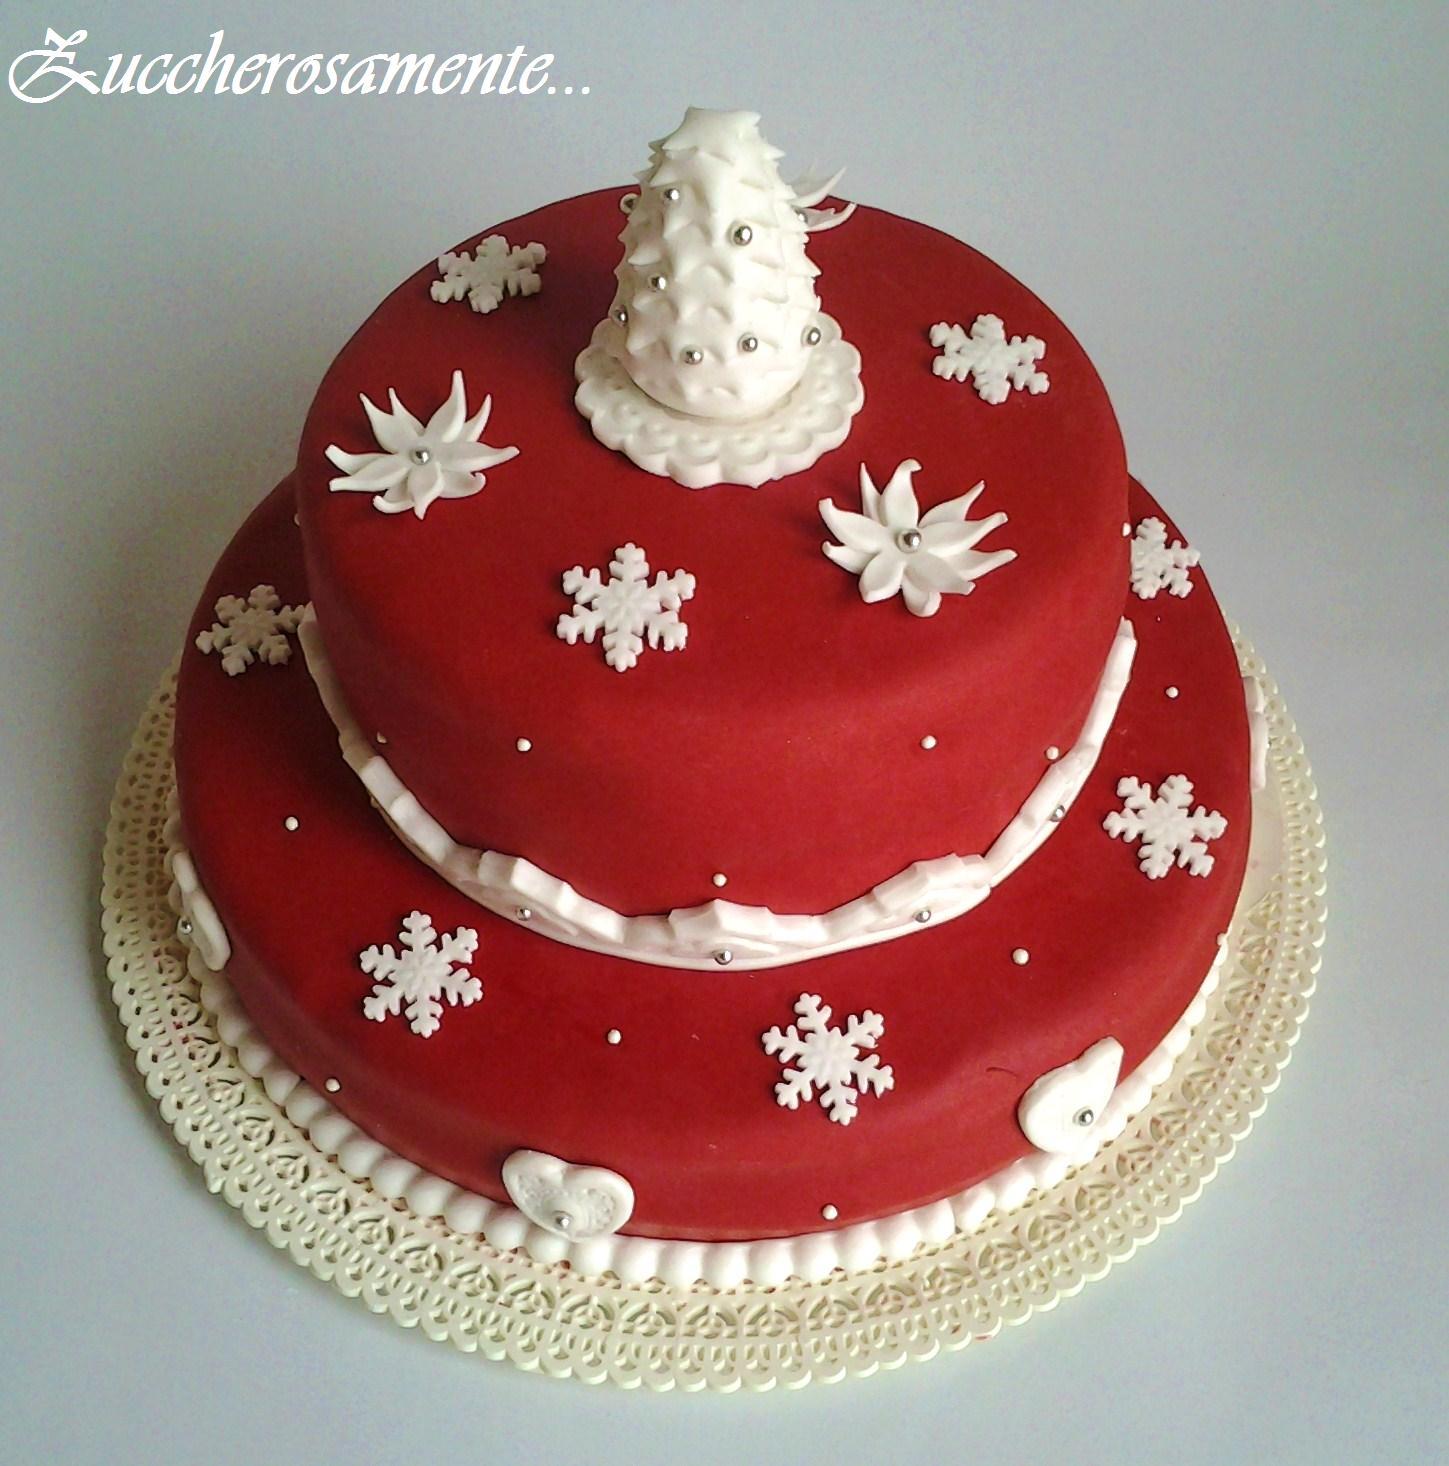 Torte Decorate Per Natale zuccherosamente: torta per il pranzo di natale!